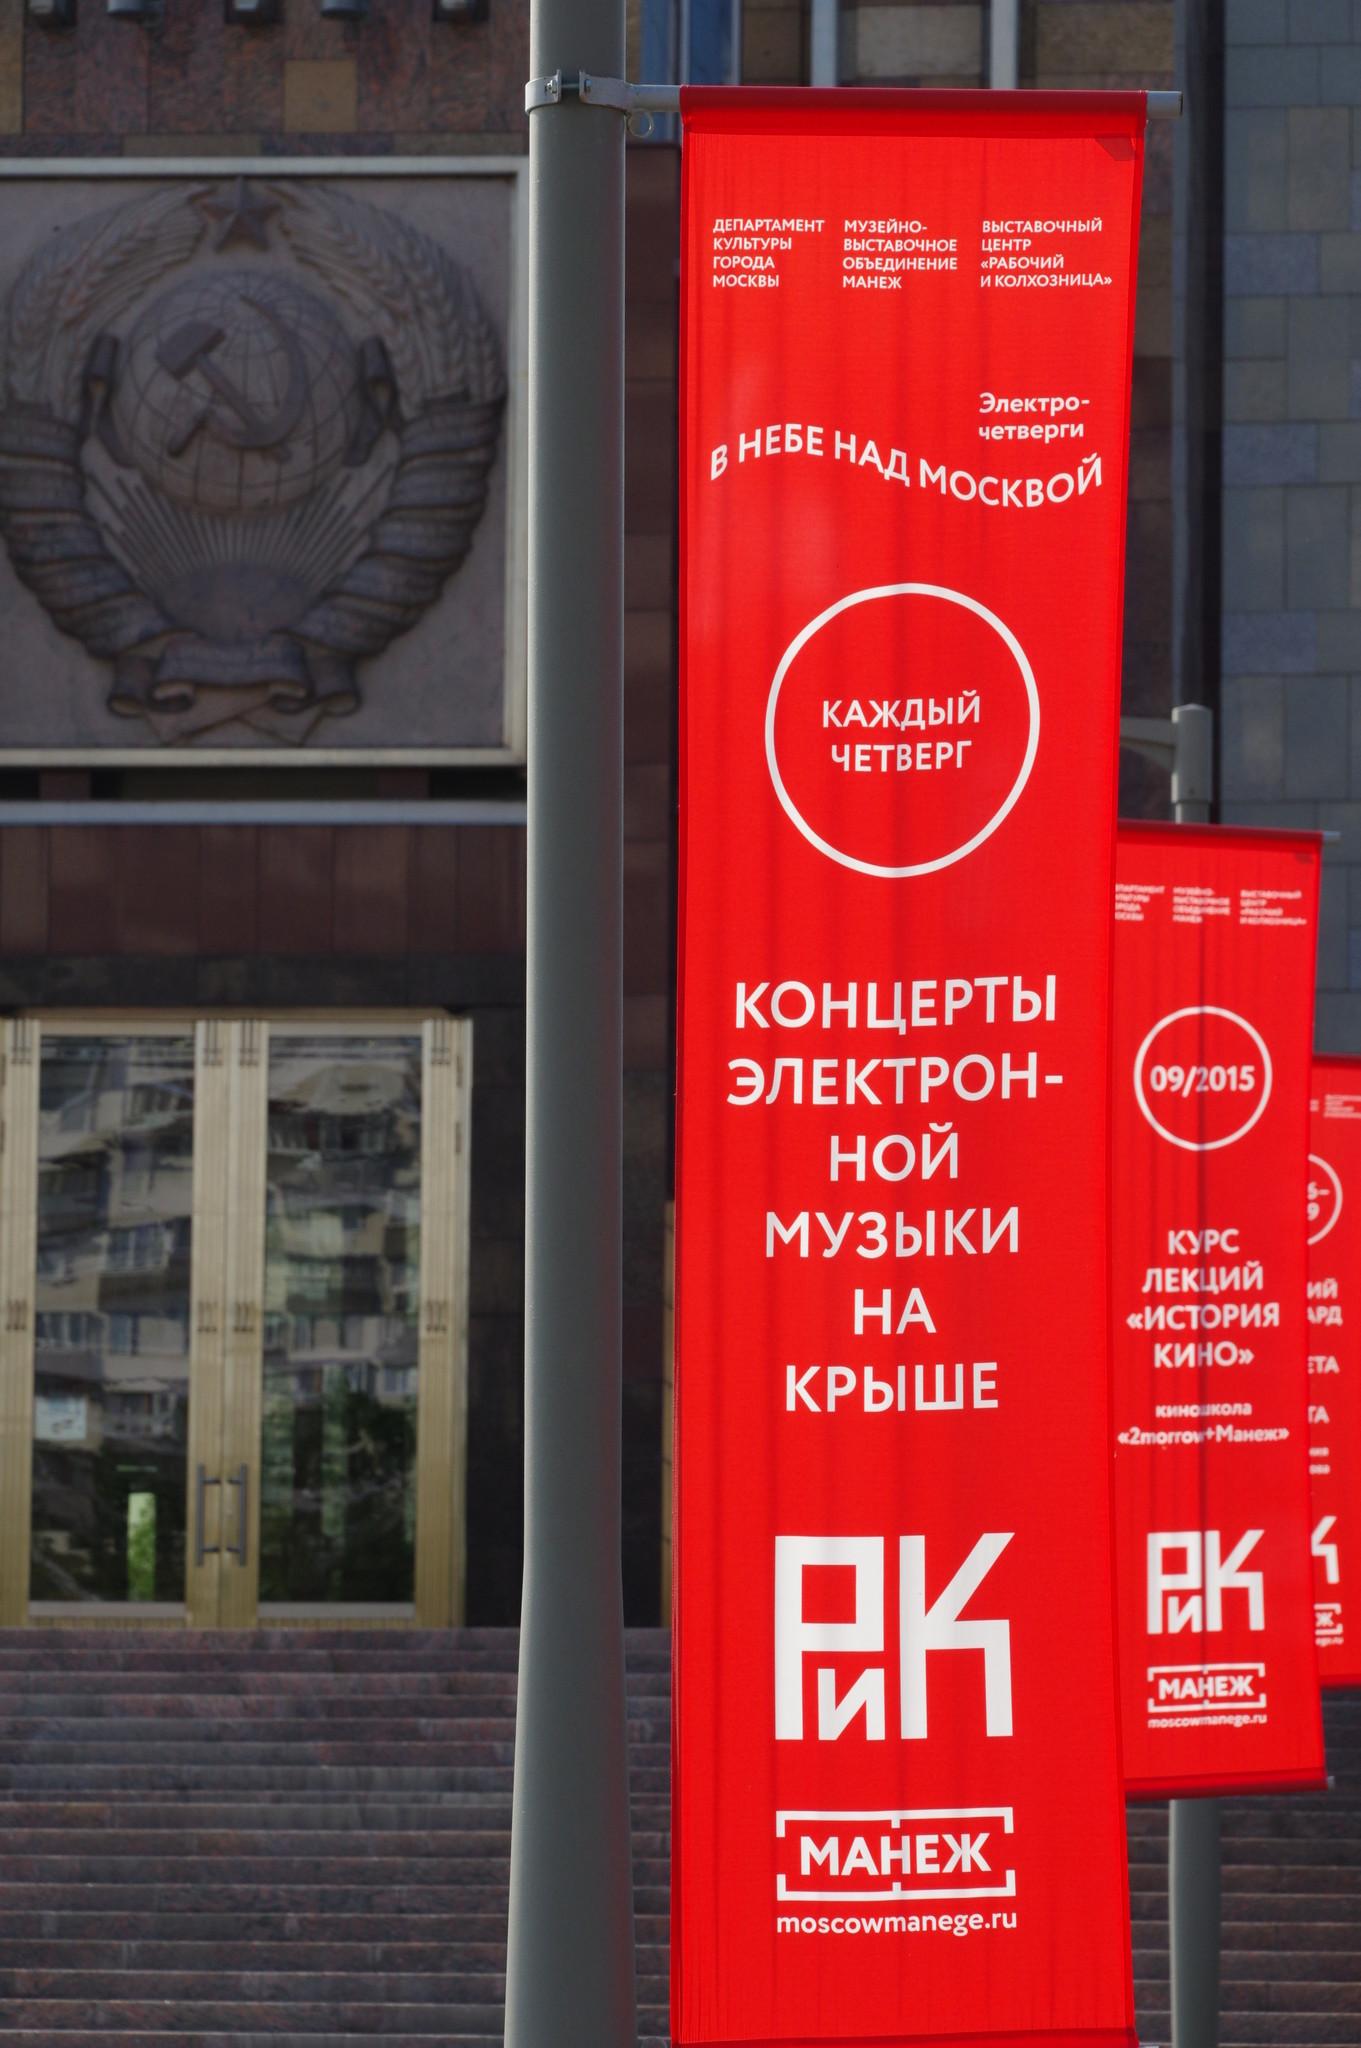 Музыкальный проект «В небе над Москвой»